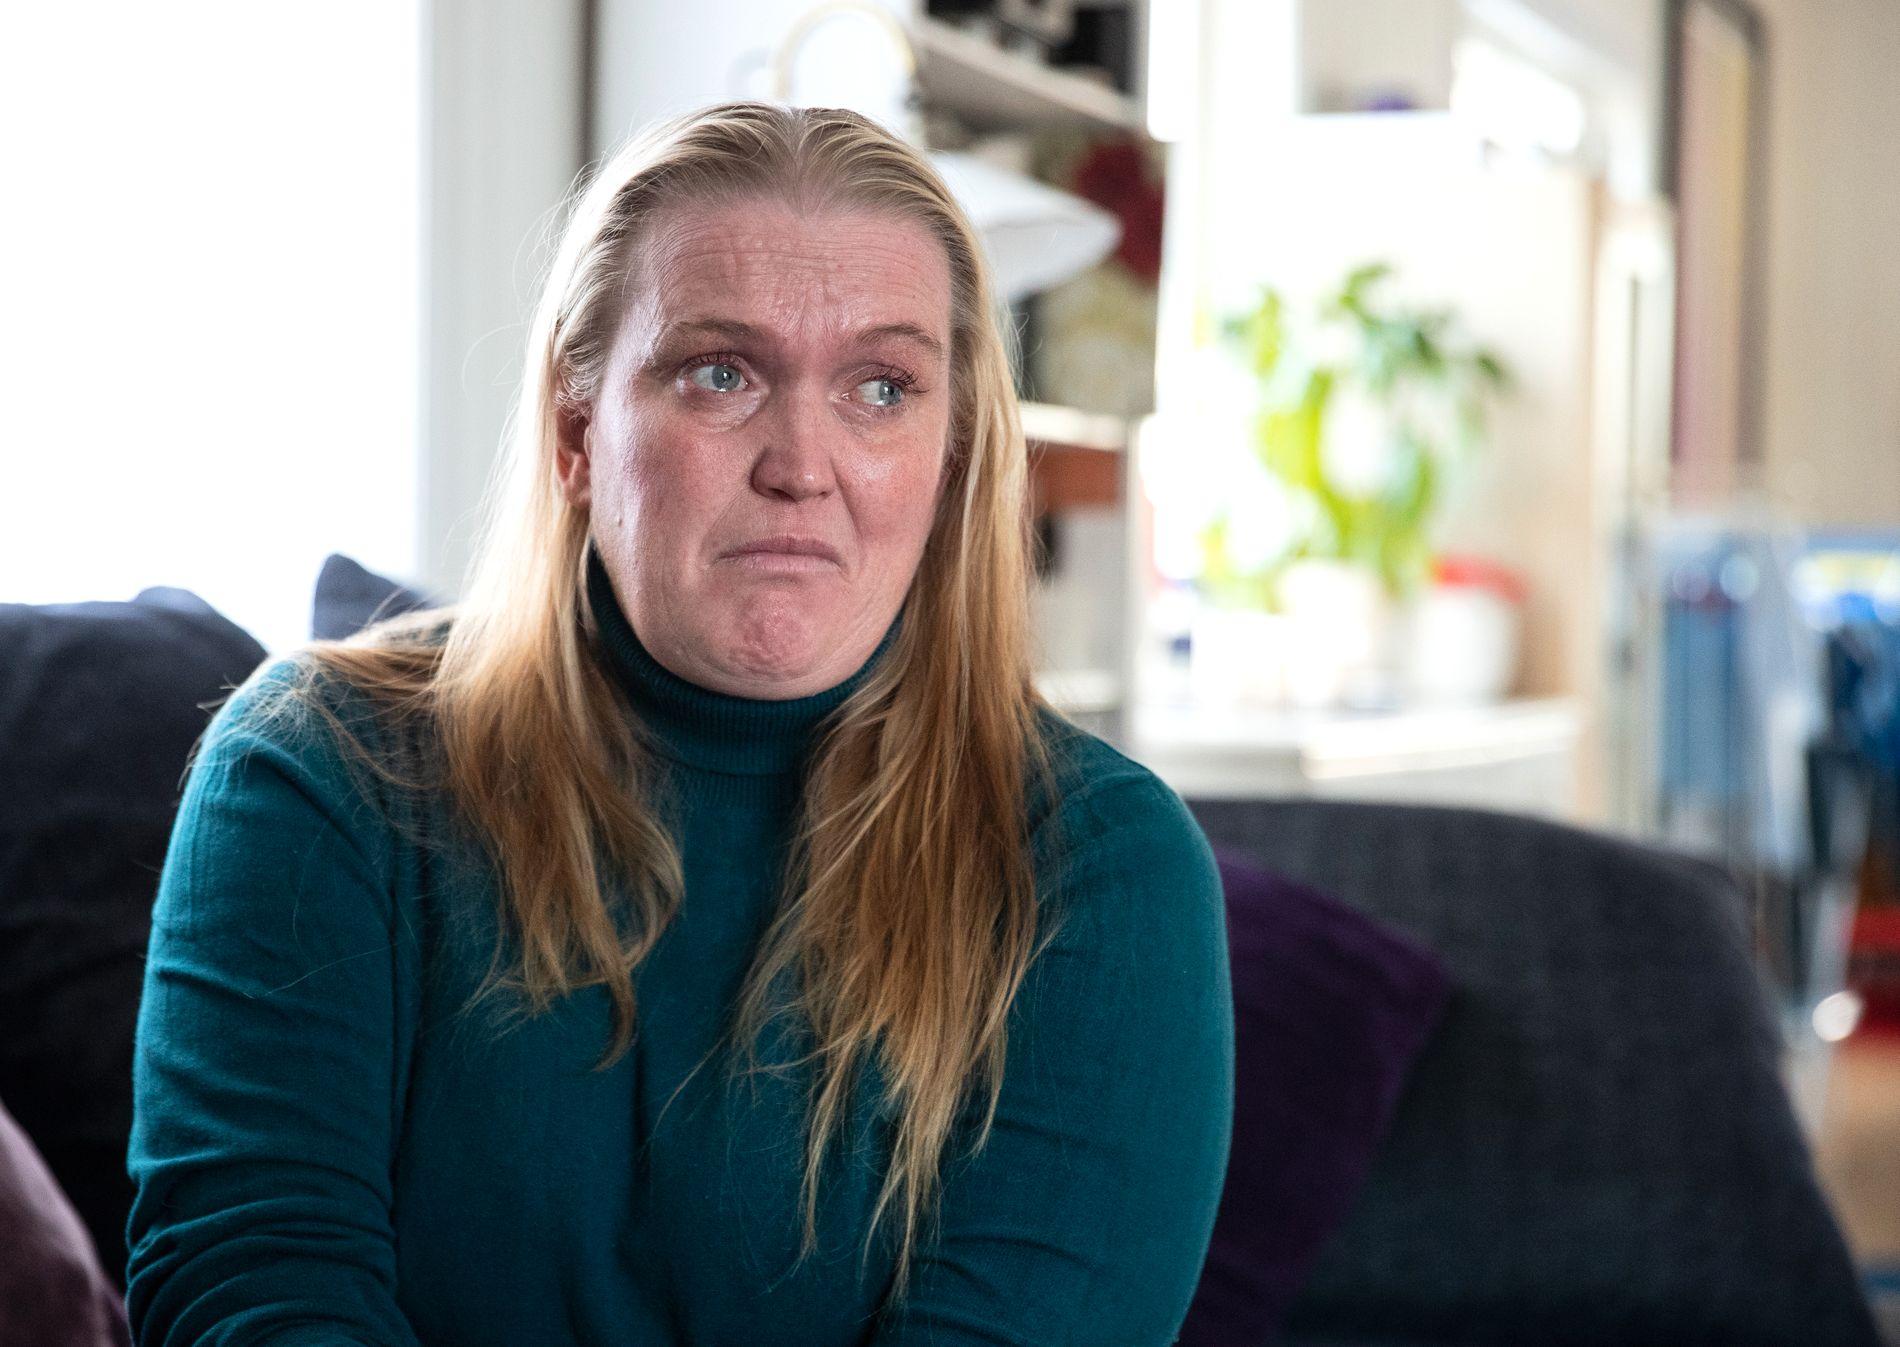 UTSLITT: – Jeg er nødt til å få det pusterommet jeg trenger for å kunne stå i denne situasjonen. Det finnes ingen behandling mot tarmsykdommen. Vi er nødt til å ha en avlastning som fungerer, sier Bakkefjord. Hun og mannen har også to andre barn, som de gjerne skulle hatt mer alenetid sammen med.